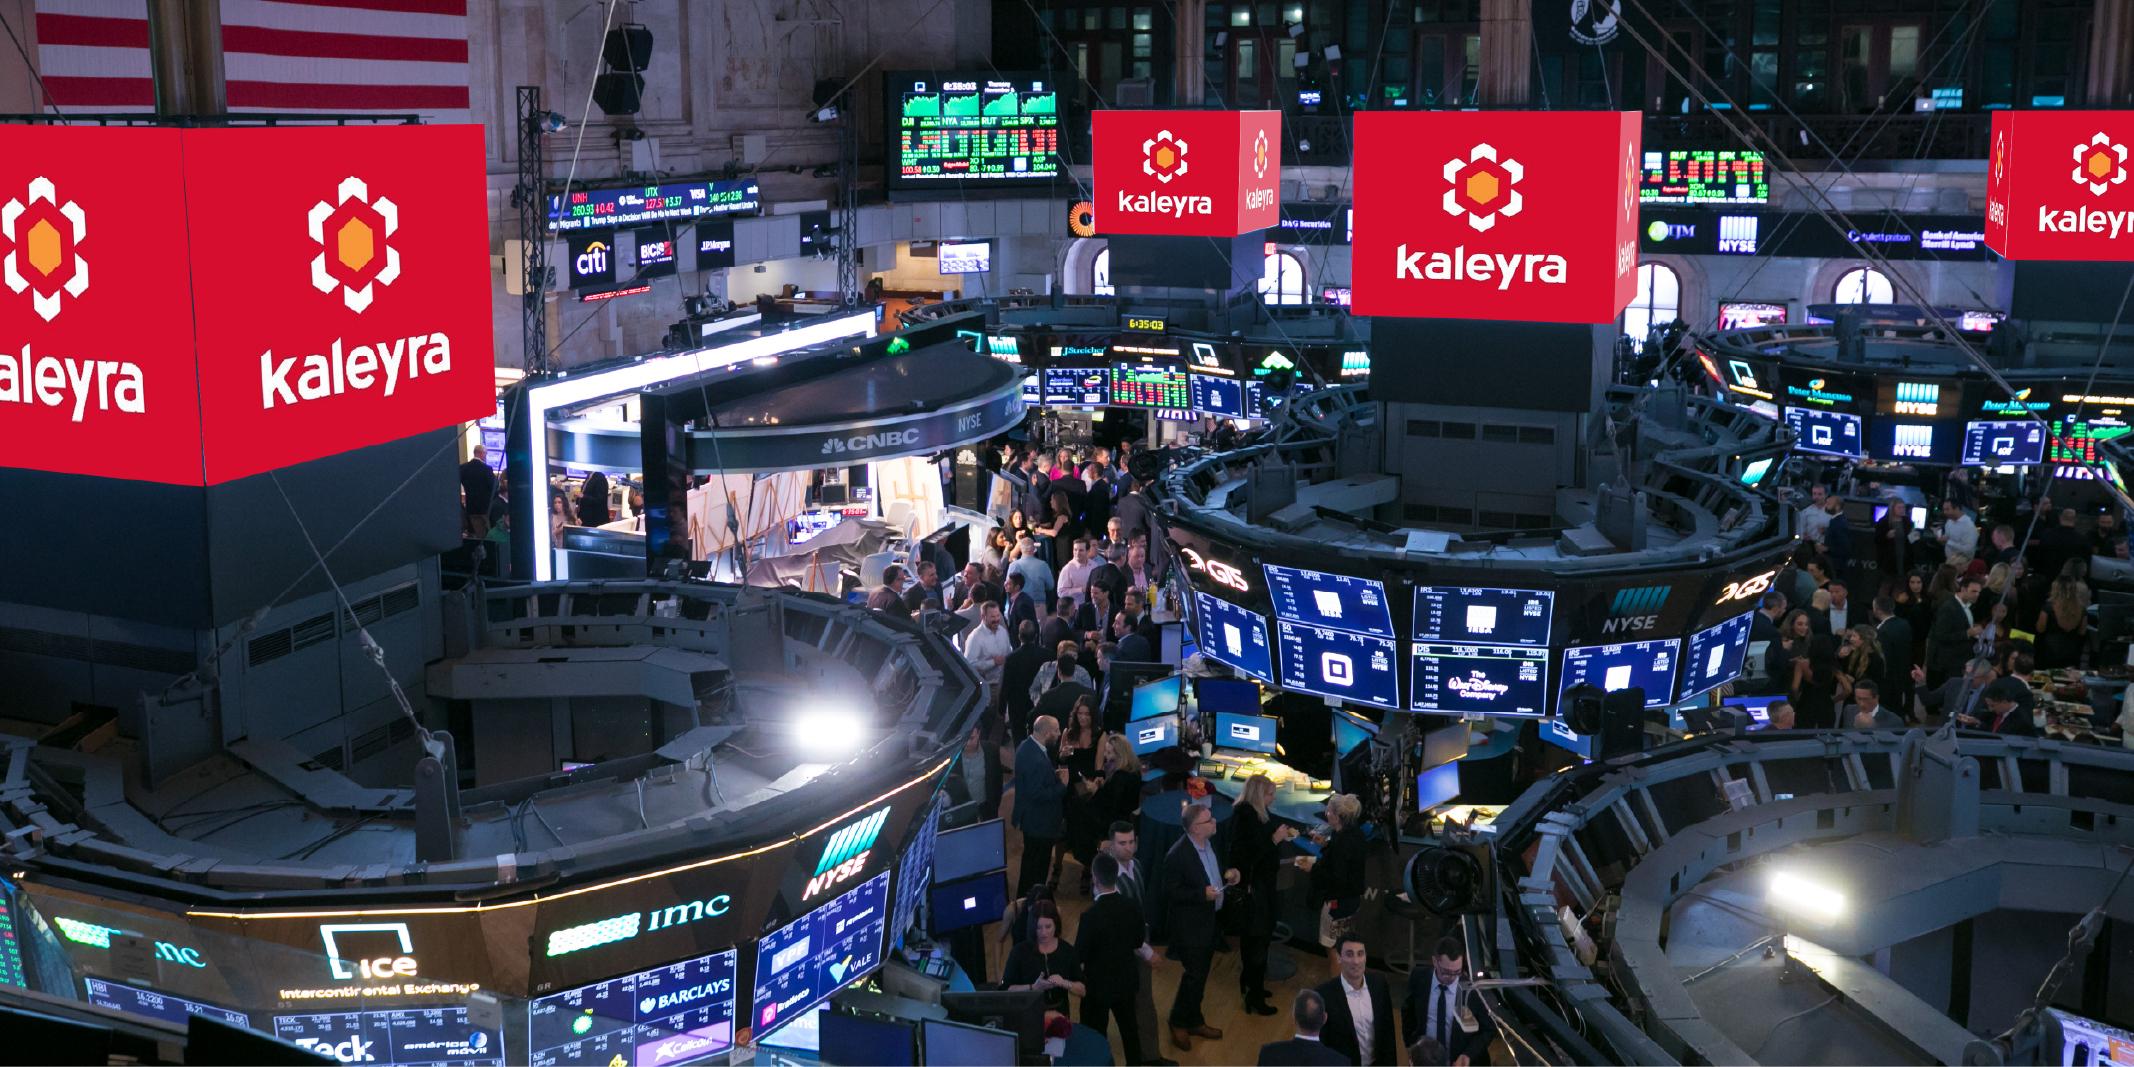 Kaleyra-NYSE-Listing